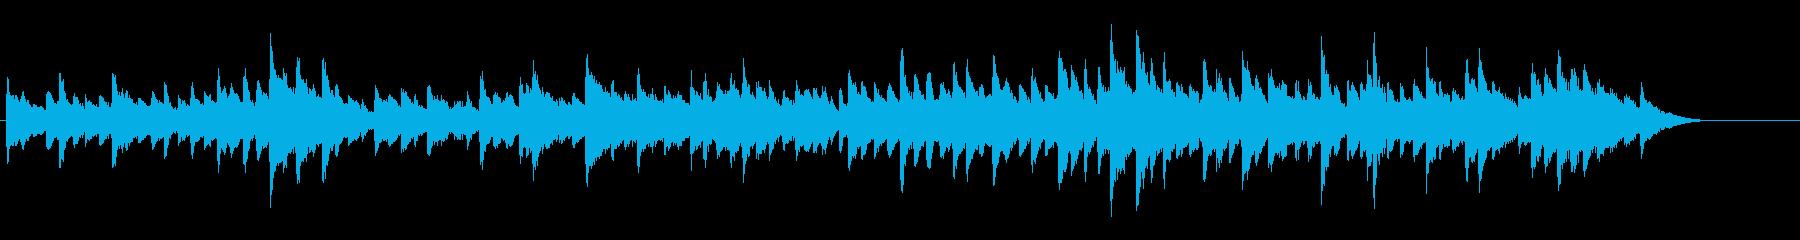 ソナタ「悲愴」第2楽章(ベートーヴェン)の再生済みの波形